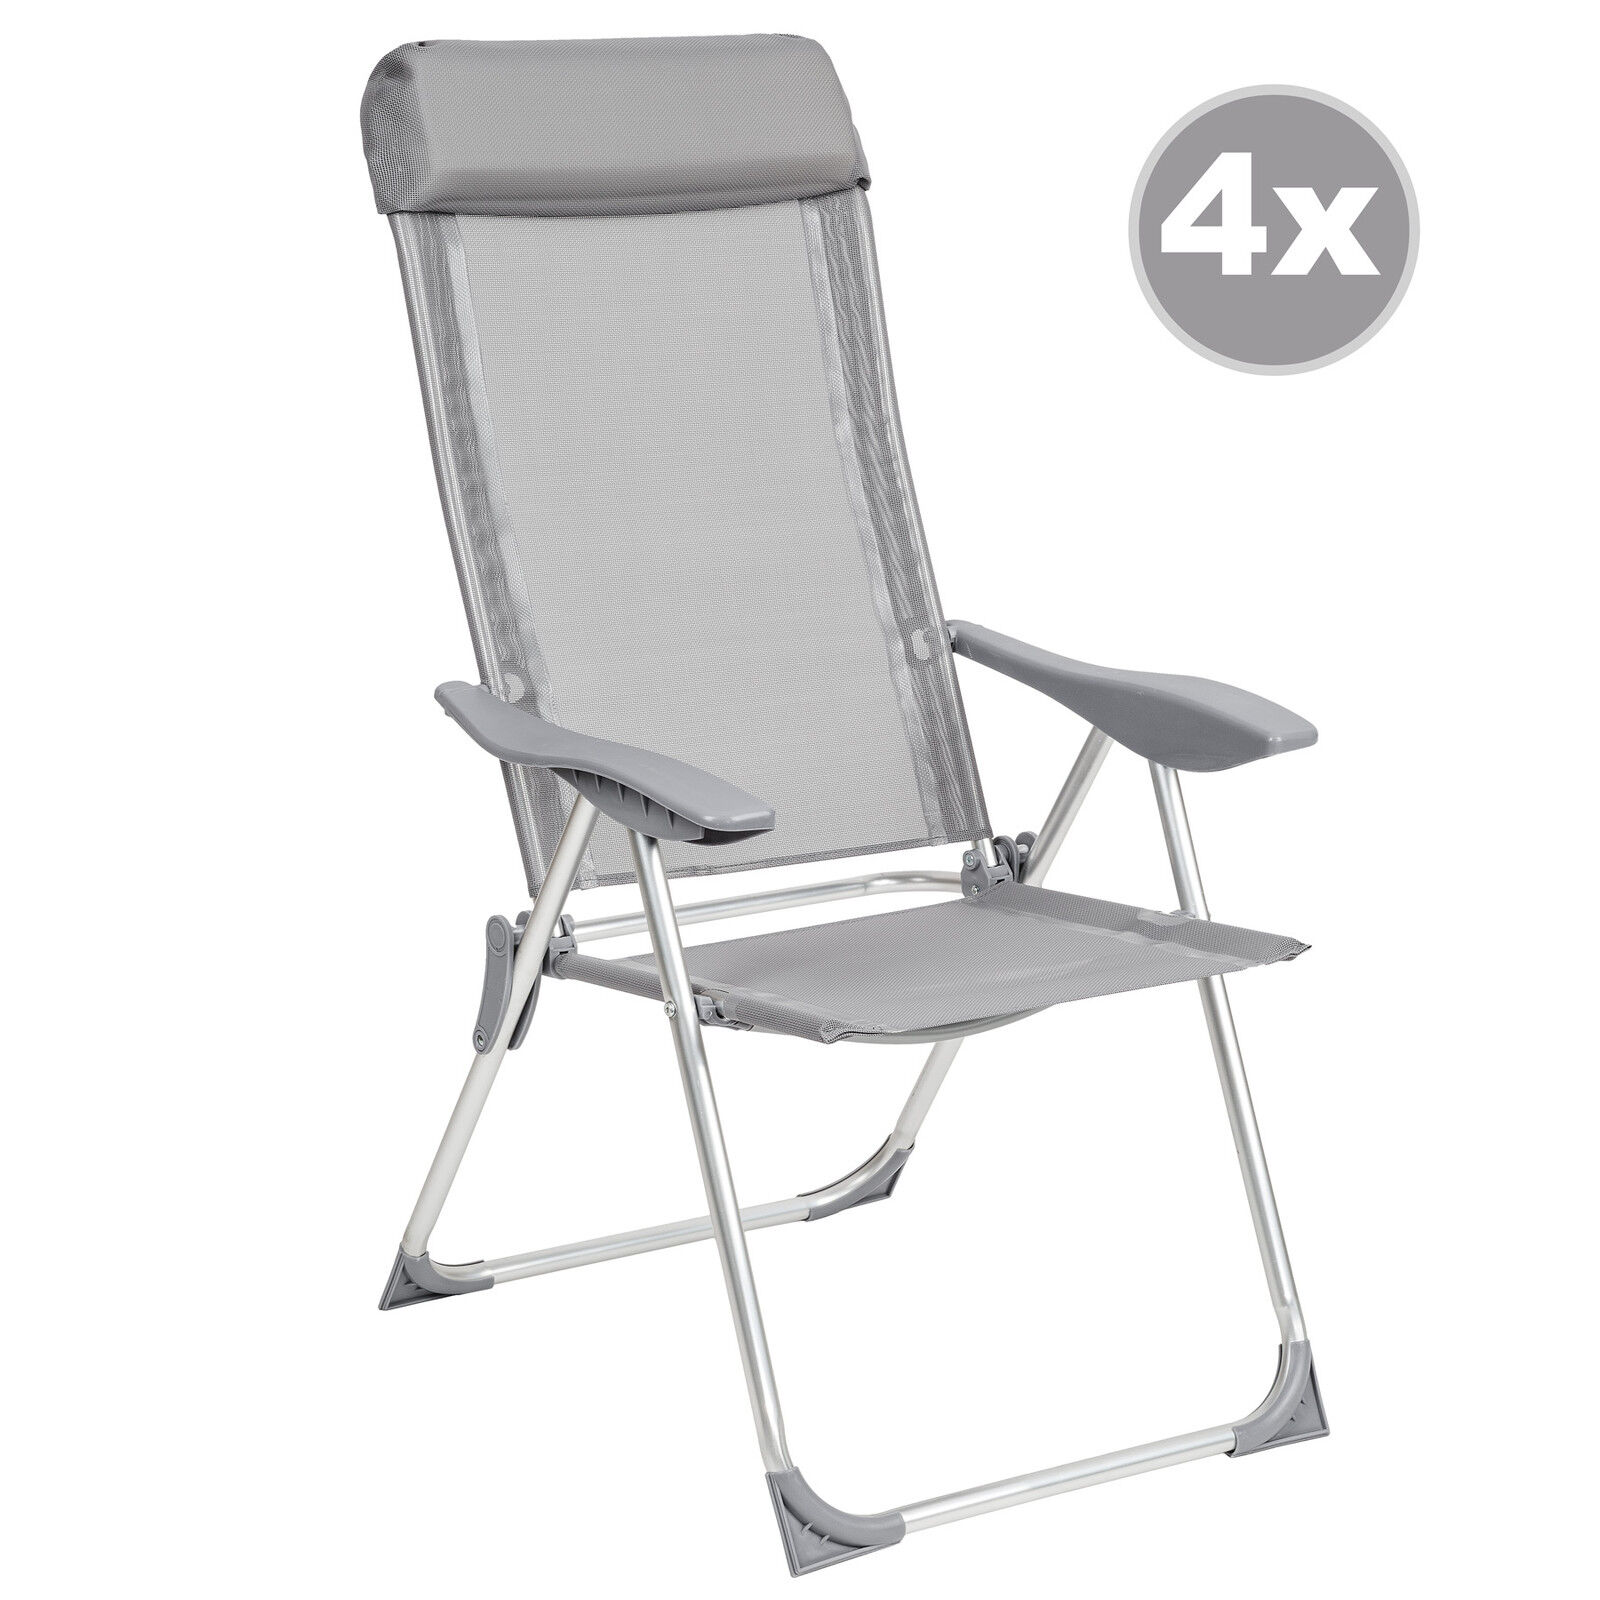 4 aluminio sillas de jard n plegable alu sill n balc n - Sillas para balcon ...